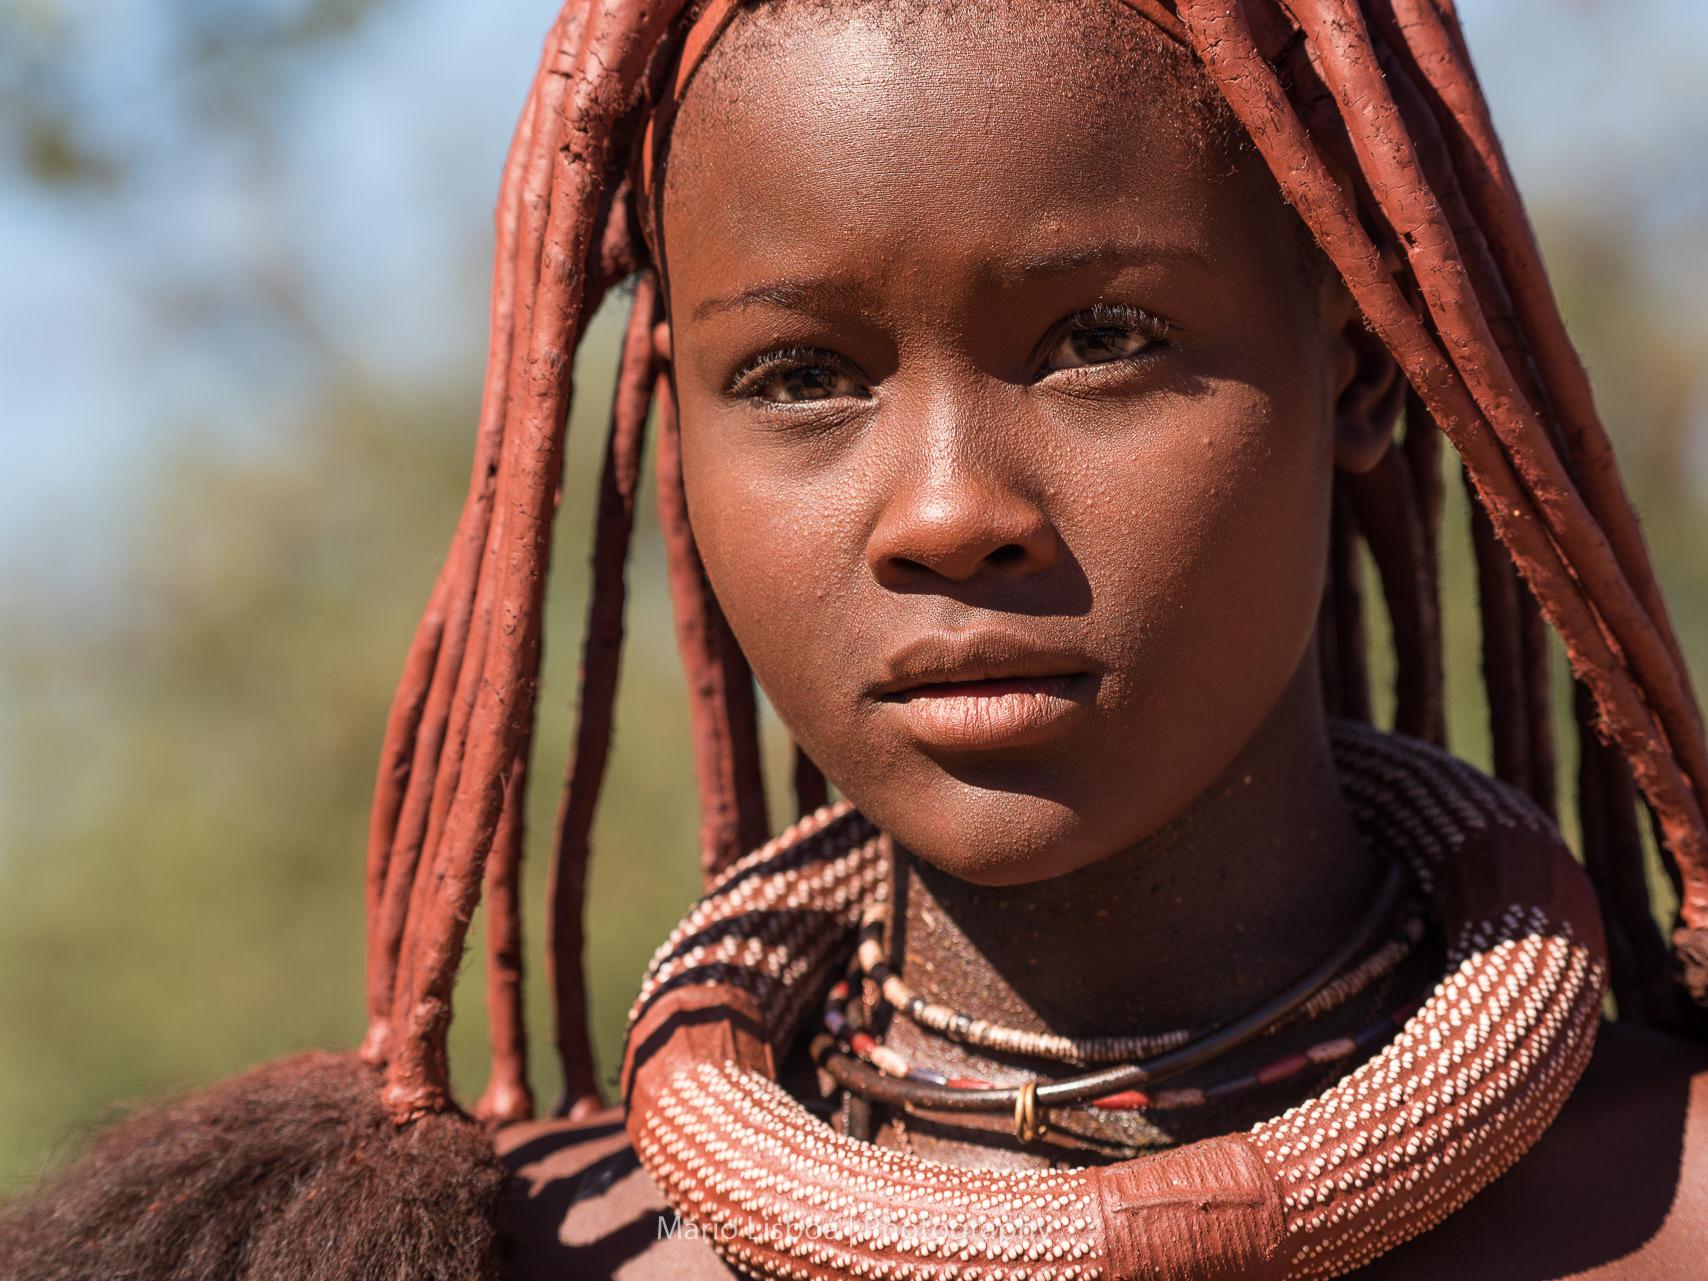 трогать фото дикие негритянки фото соски